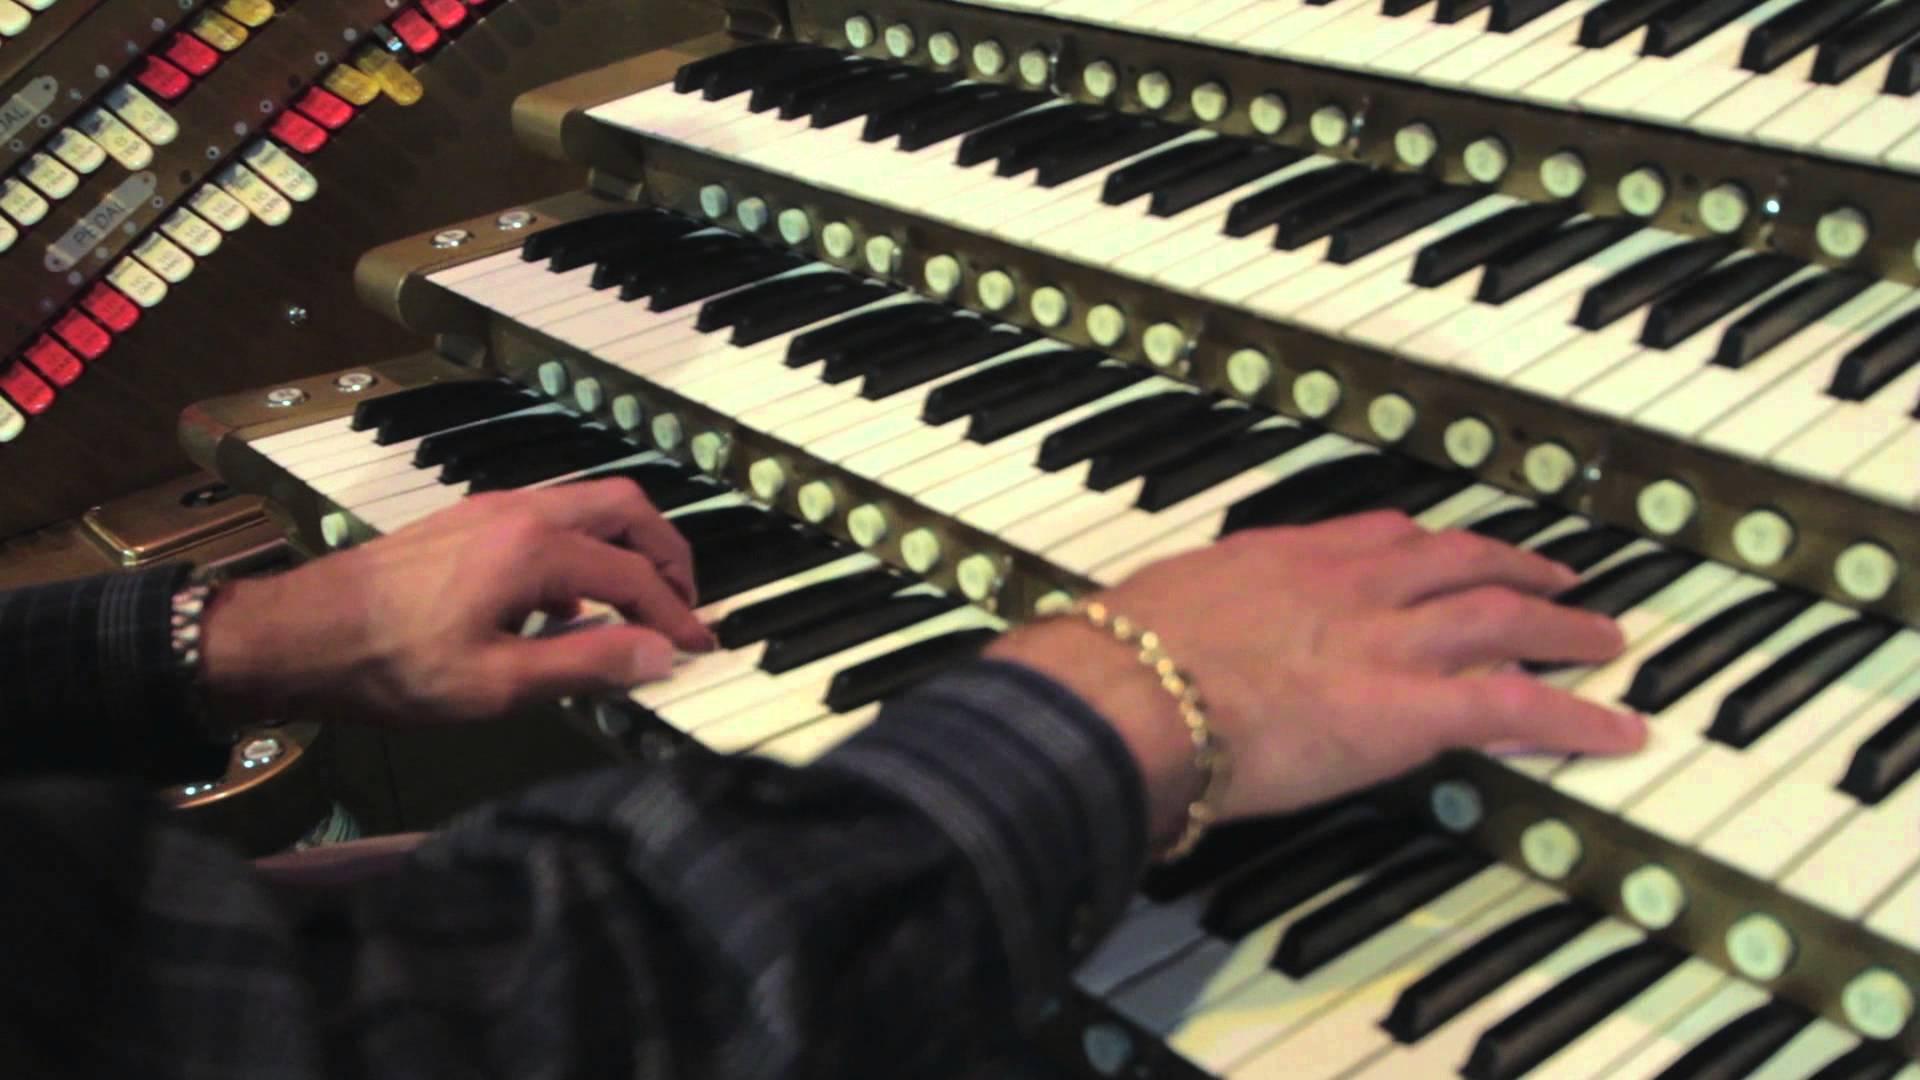 5段鍵盤のオルガンで奏でるスターウォーズのテーマ